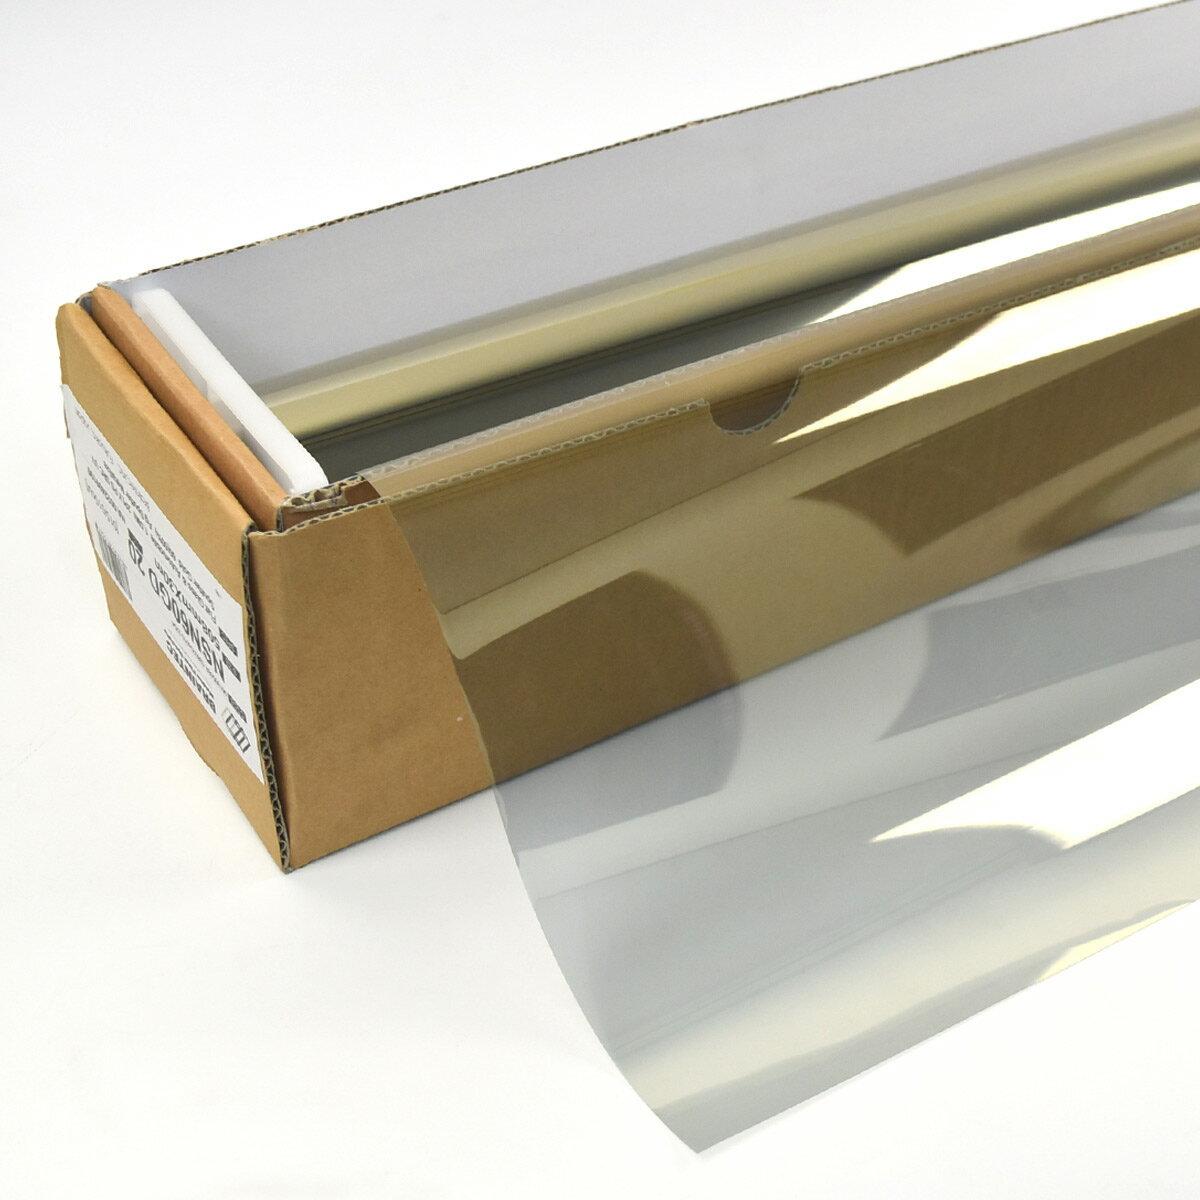 ウィンドウフィルム 窓ガラスフィルム スパッタゴールド60 50cm幅×30mロール箱売 遮熱フィルム 断熱フィルム UVカットフィルム ブレインテック Braintec